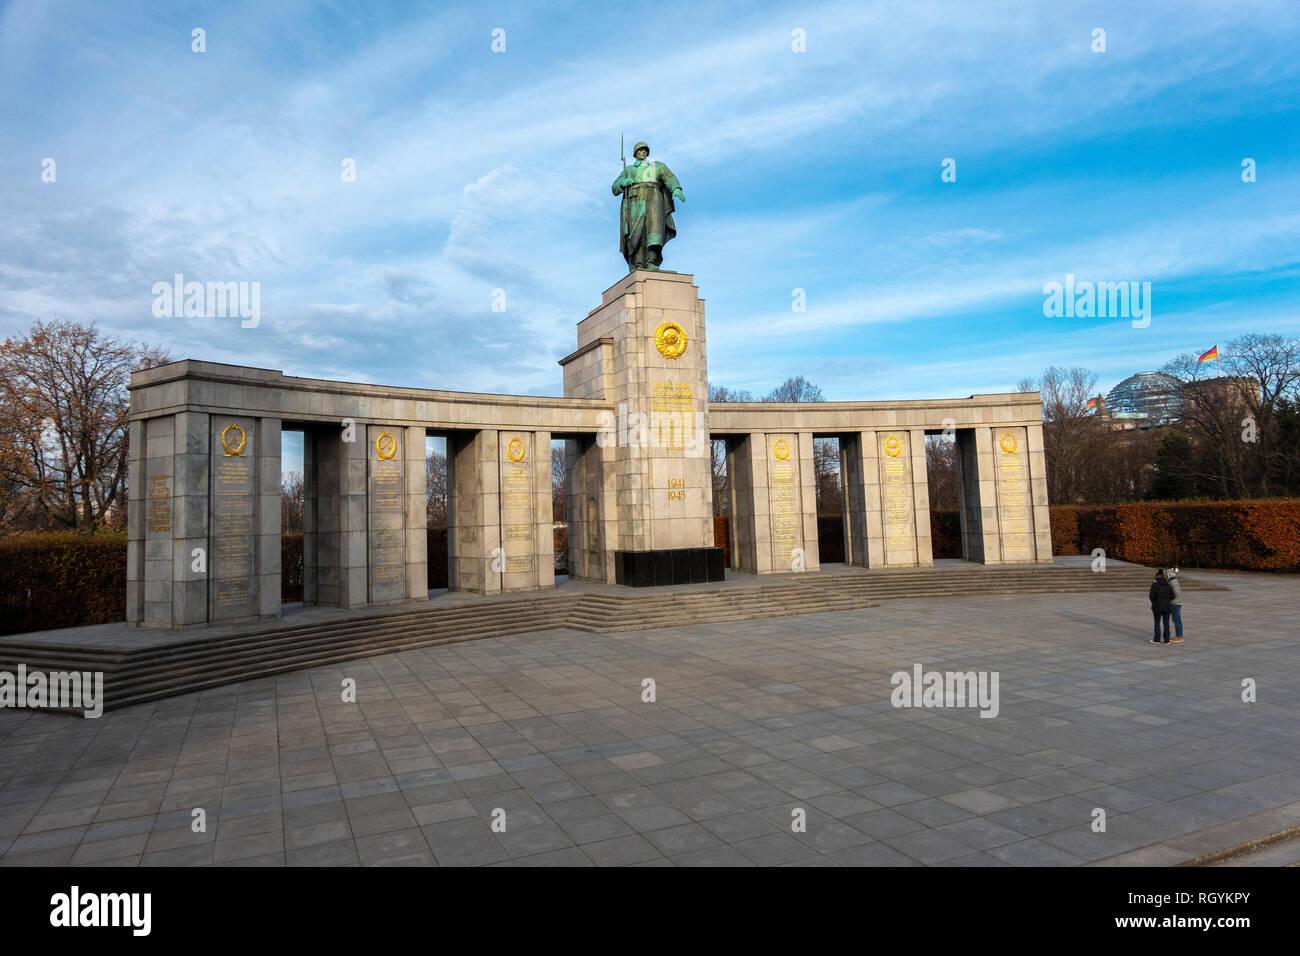 Berlin Sowjetische Ehrenmal im Tiergarten zum Gedenken an Soldaten in der Schlacht um Berlin ums Leben gekommen. Sowjetisches Ehrenmal im Tiergarten. Stockfoto